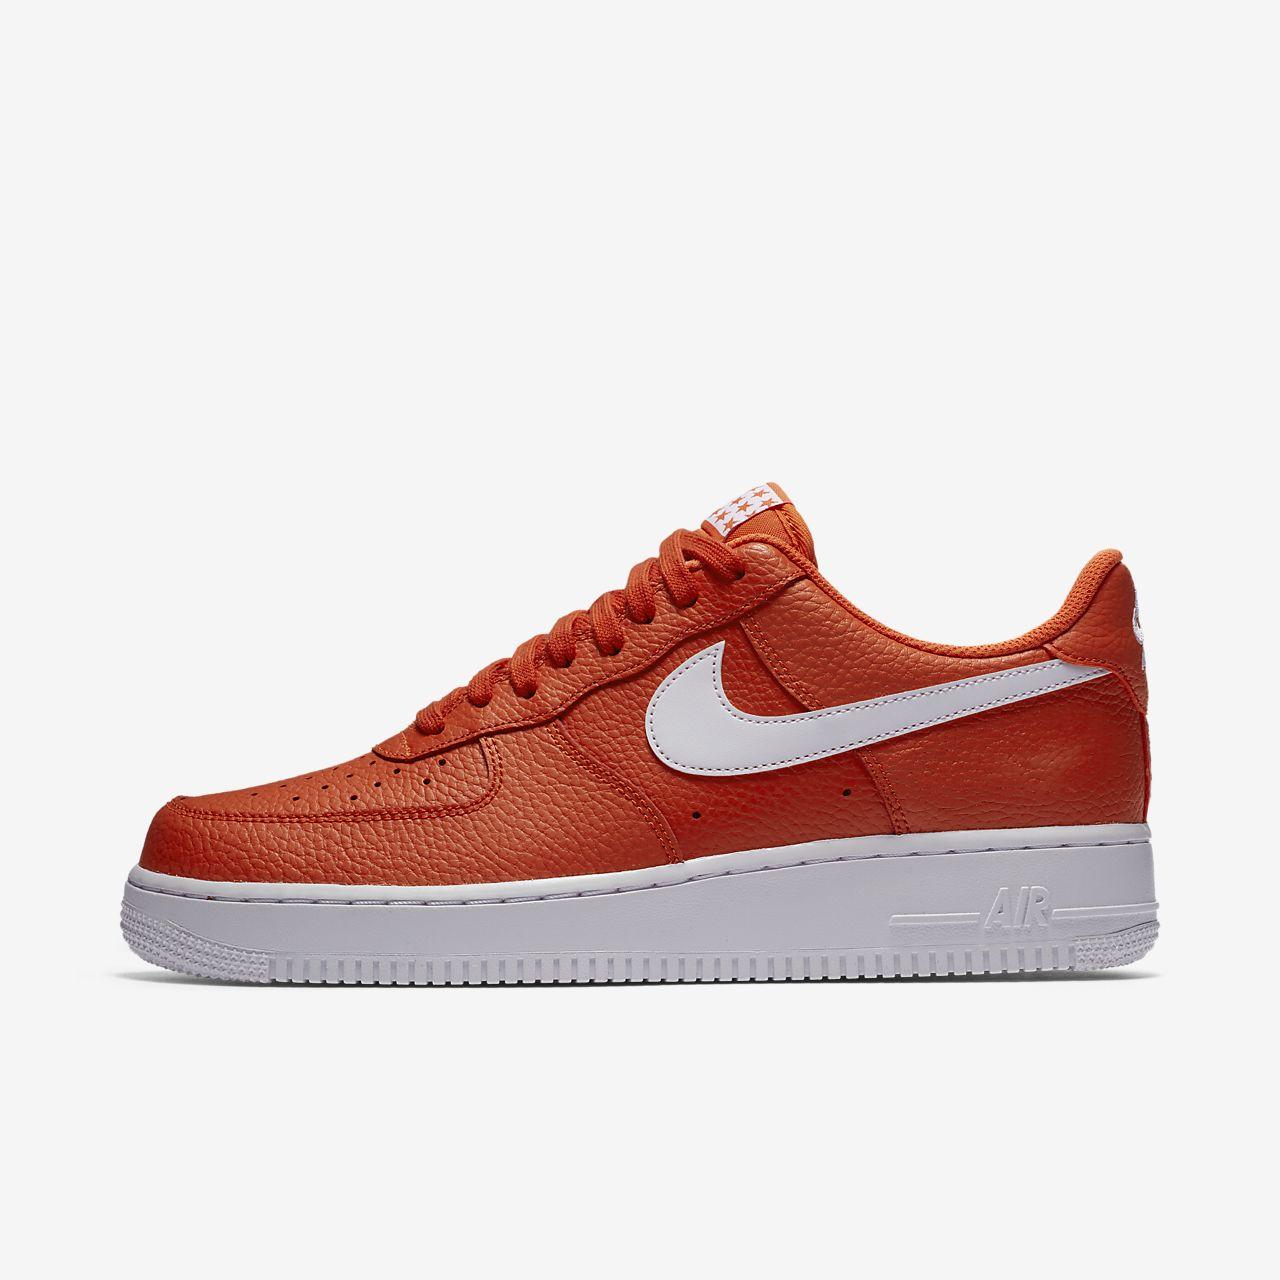 Nike Air Force 1 07 Zapatillas Hombre. Hombre. Hombre. ES ff106d